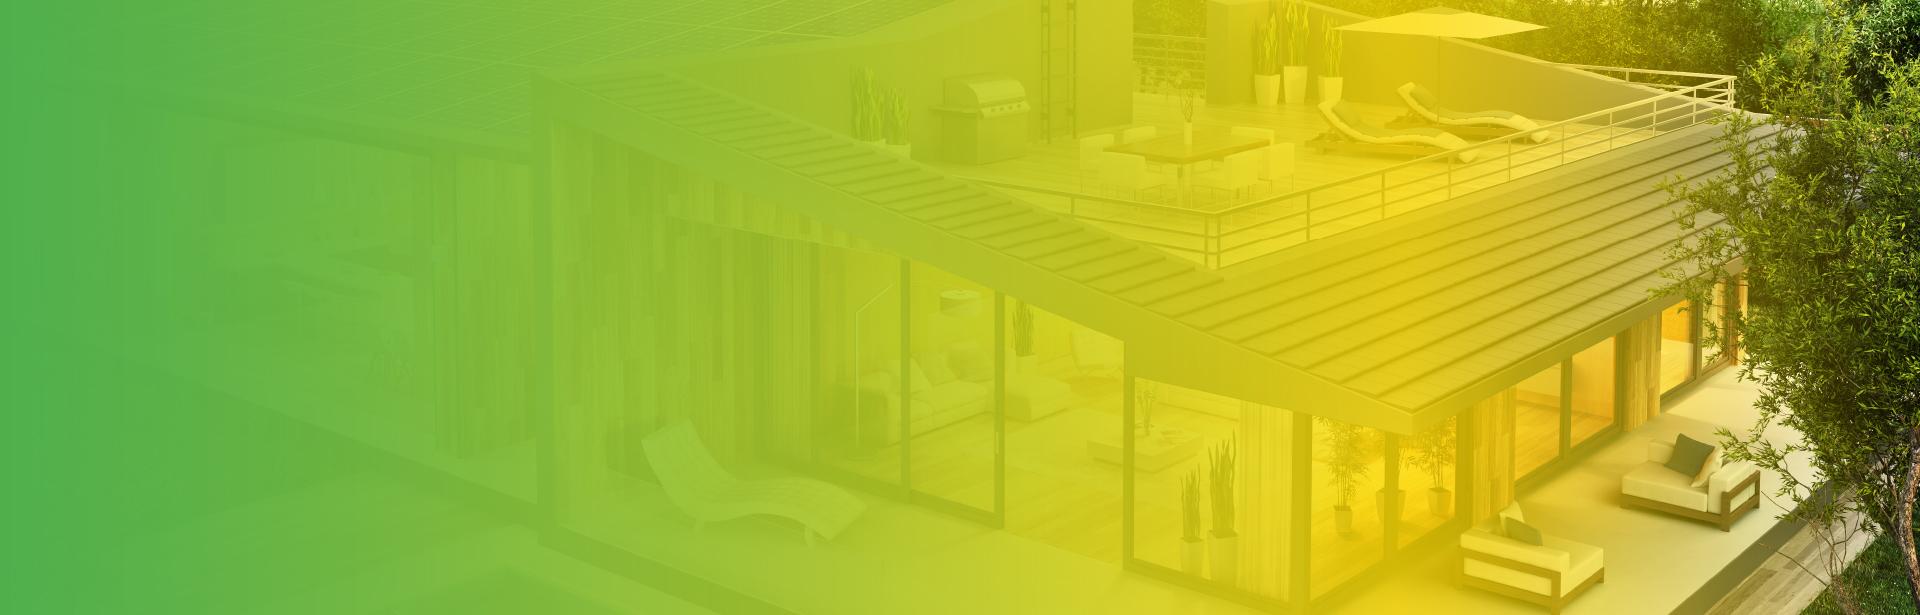 Résolution des pathologies des bâtiments